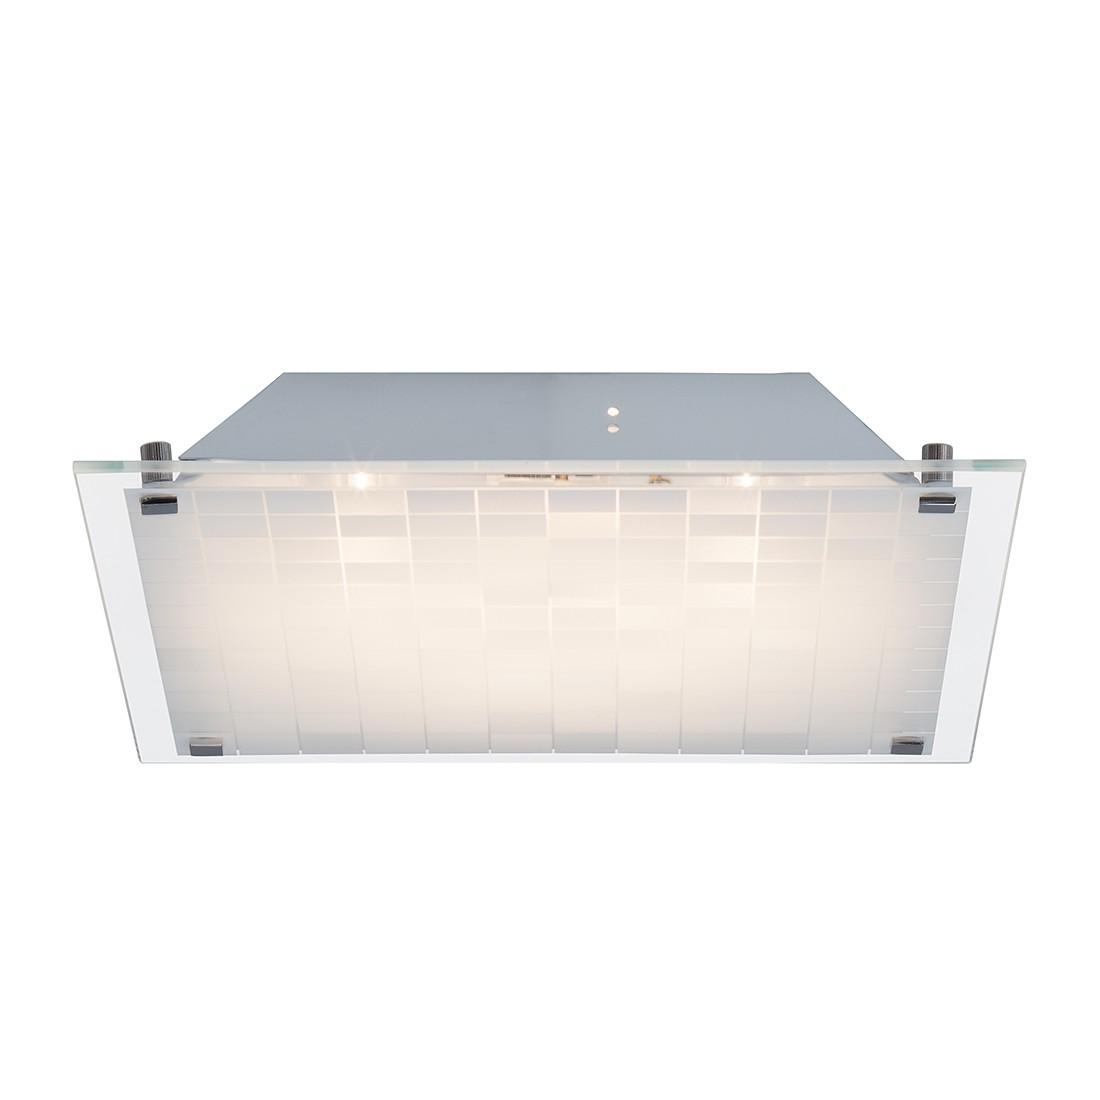 energie  A+, Plafondlamp Malinda - metaal/zilverkleurig metaal 1 lichtbron, Brilliant